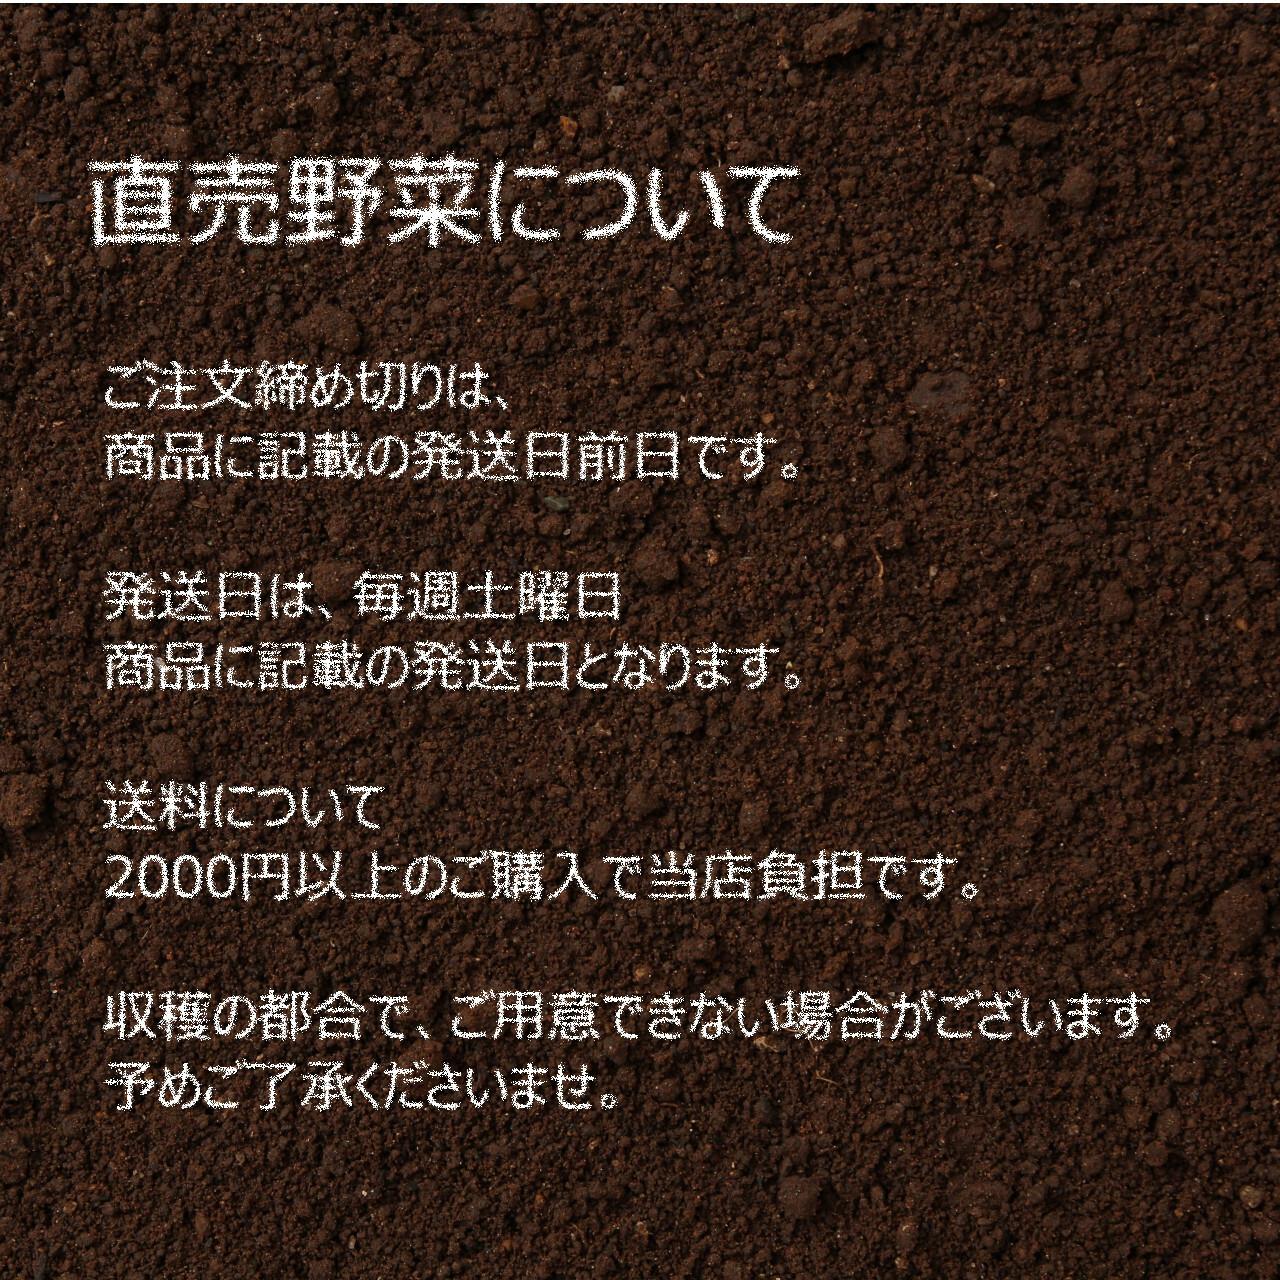 9月の朝採り直売野菜 : ゴーヤ 約1~2本 新鮮な秋野菜 9月26日発送予定